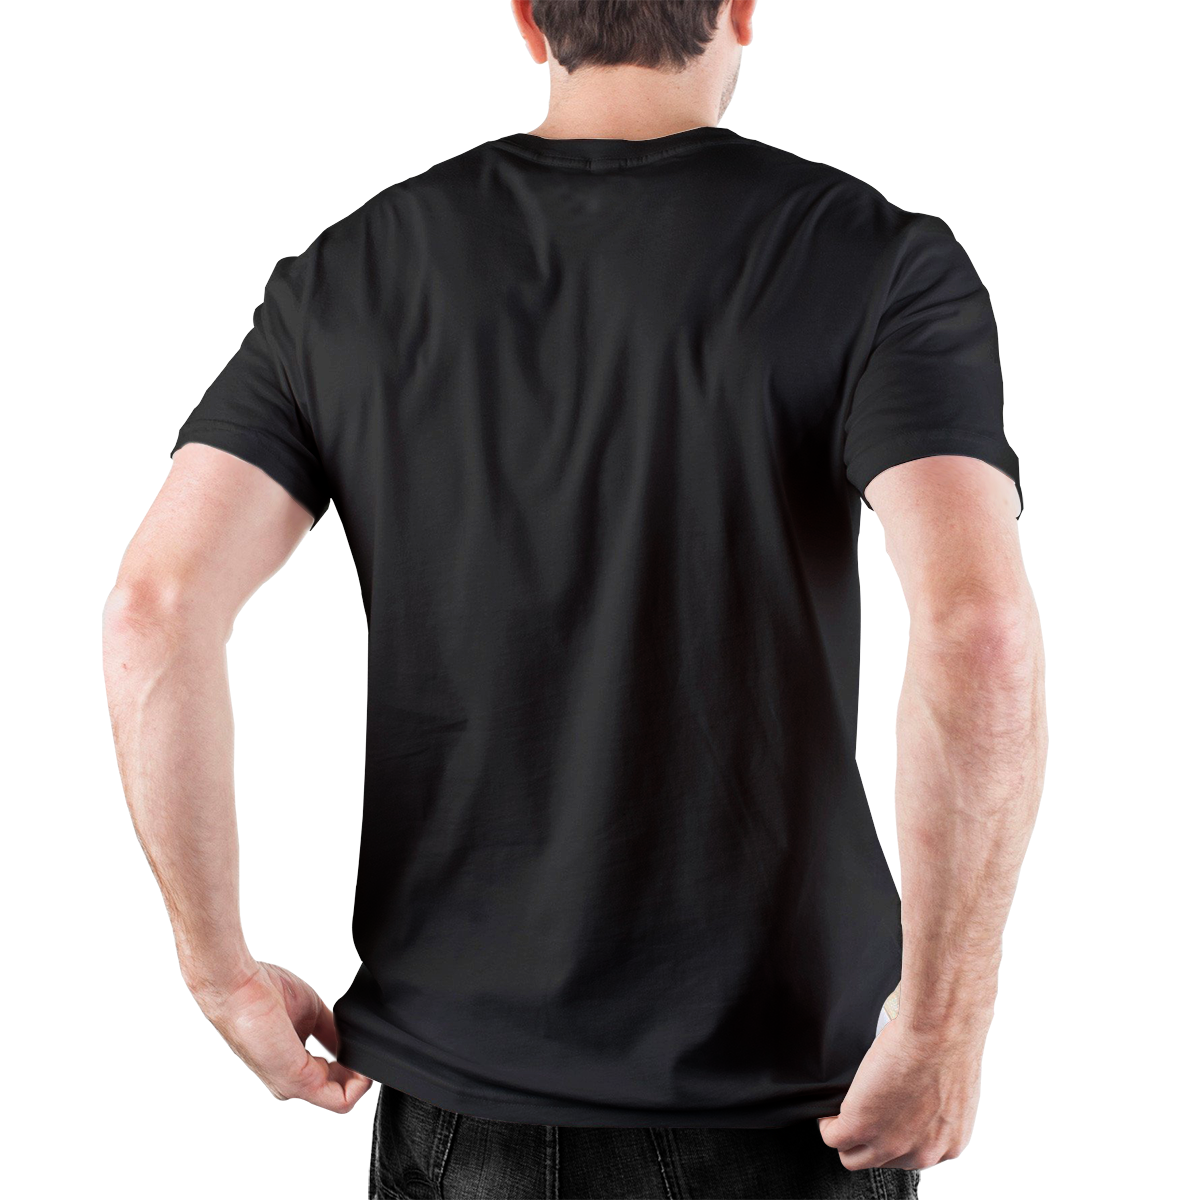 Usted es un rechazado camisetas hombres capitán Spaulding camisetas los Devils rechazan la casa de Horror de 1000 cuerpos camisetas Halloween ropa